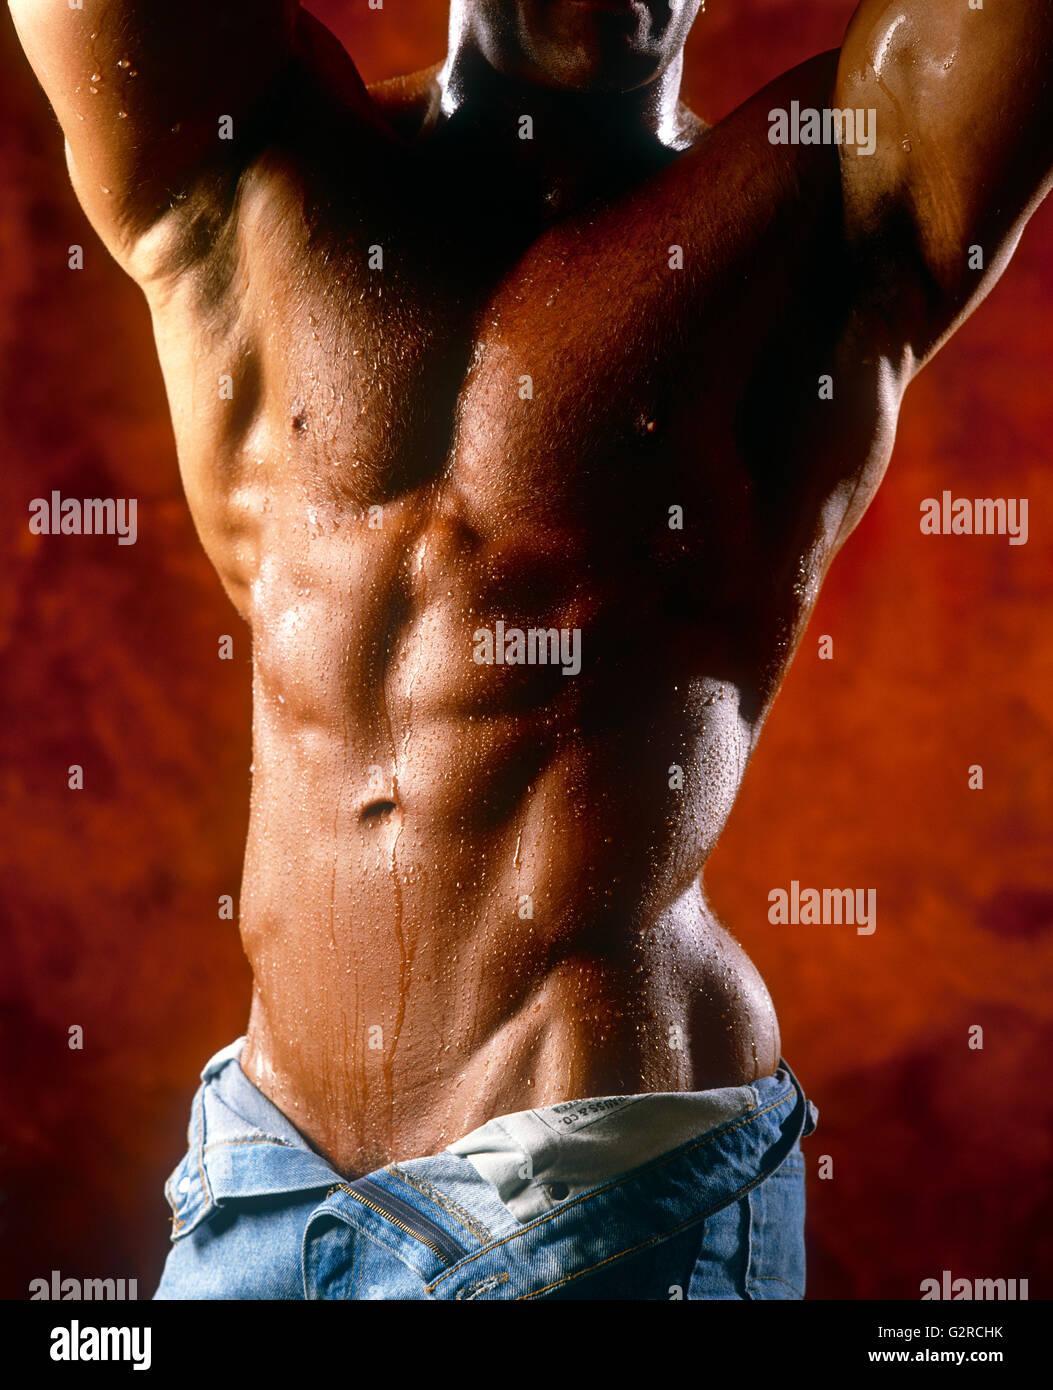 Nahaufnahme einer Jungs Muskeln drinnen. Stockbild